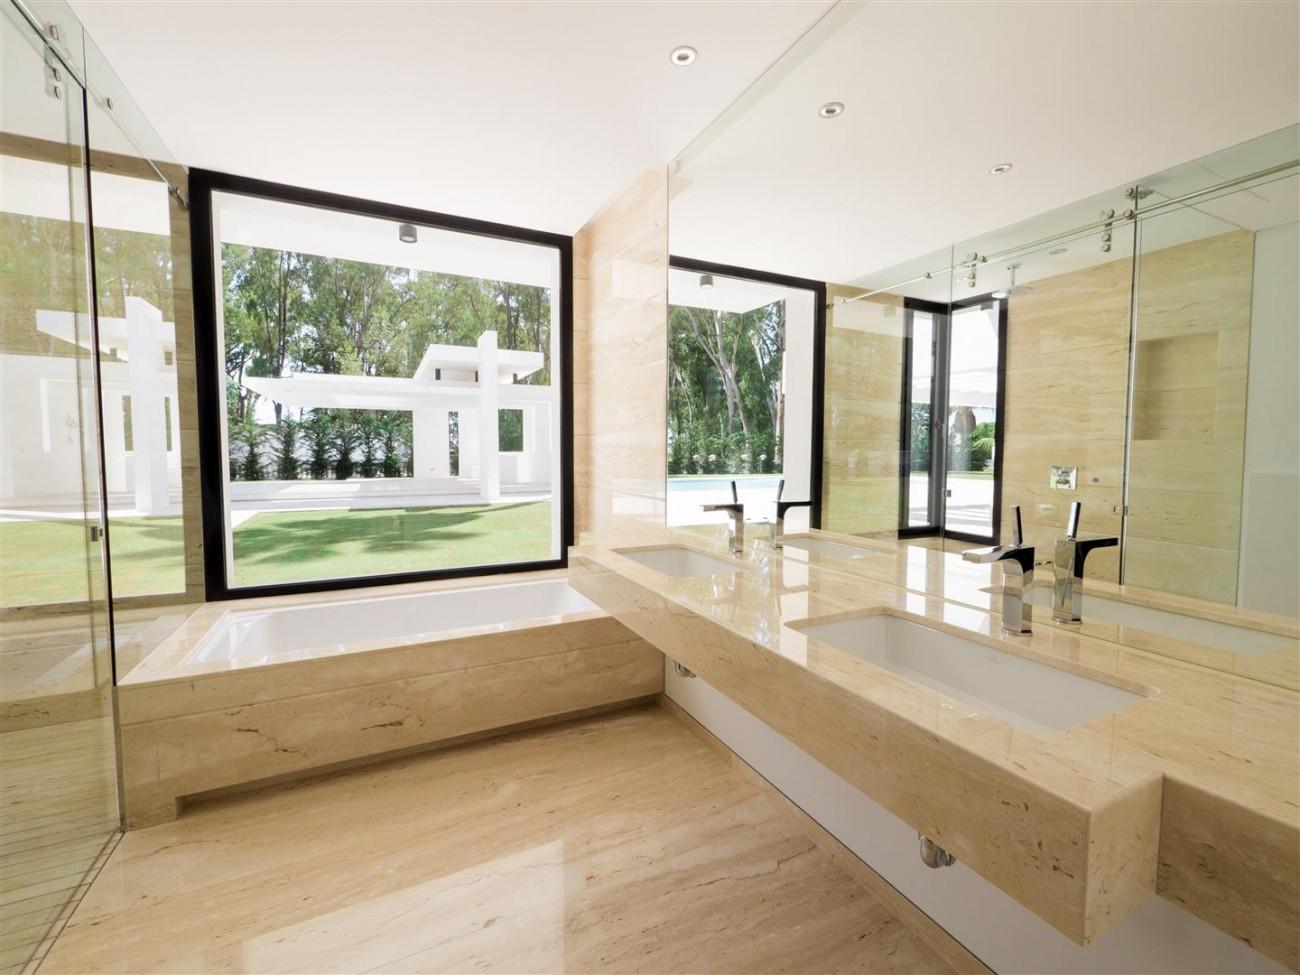 Contemporary villa for sale close to the beach Marbella (16) (Large)